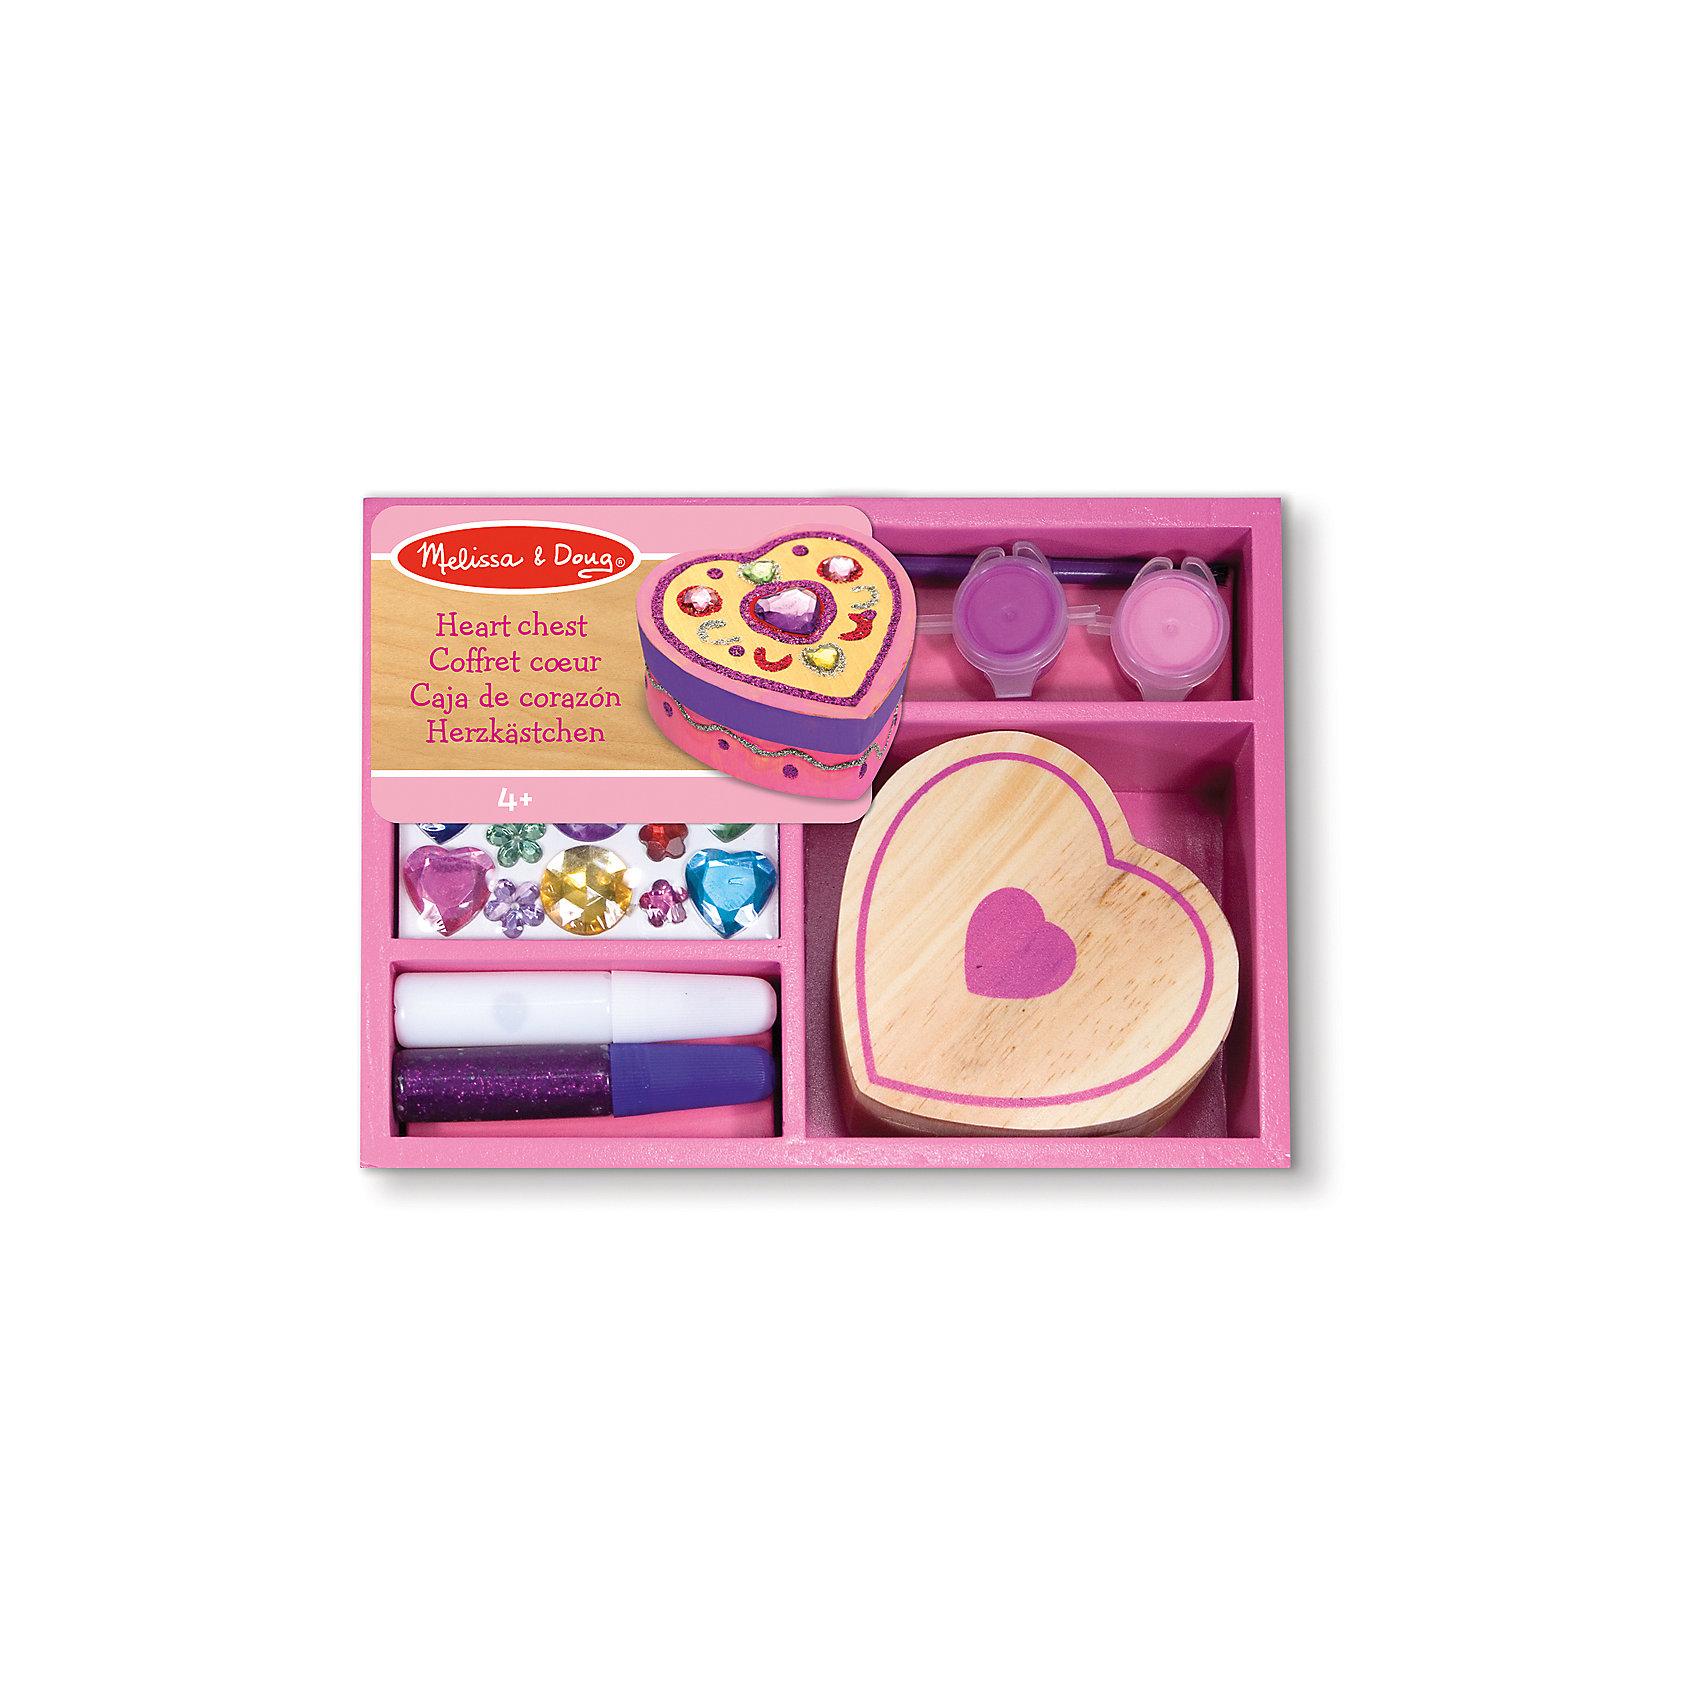 Набор Шкатулка-сердце, Melissa &amp; DougРисование<br>Набор Шкатулка-сердце, Melissa &amp; Doug (Мелисса и Даг) – это замечательный набор серии «творчество», укомплектованный в деревянный розовый ящик. С помощью набора Ваша девочка самостоятельно смастерит милую шкатулку, в которой сможет хранить свои сокровища и украшения. Набор Шкатулка-сердце способствует развитию творческого мышления, художественных навыков и чувства вкуса.<br><br>Комплектация: шкатулка в форме сердца, клей, блестки, краски и кисточка, разноцветные прозрачные камушки<br><br>Дополнительная информация:<br>-Размер шкатулки: 8х8 см<br>-Материал: дерево, пластик<br>-Размер упаковки: 19x15x5 см<br><br>Благодаря такому набору Ваша маленькая рукодельница сможет своими руками создать уникальную шкатулку для хранения своих украшений. <br><br>Набор Шкатулка-сердце, Melissa &amp; Doug (Мелисса и Даг) можно купить в нашем магазине.<br><br>Ширина мм: 50<br>Глубина мм: 130<br>Высота мм: 180<br>Вес г: 410<br>Возраст от месяцев: 48<br>Возраст до месяцев: 72<br>Пол: Женский<br>Возраст: Детский<br>SKU: 2401065